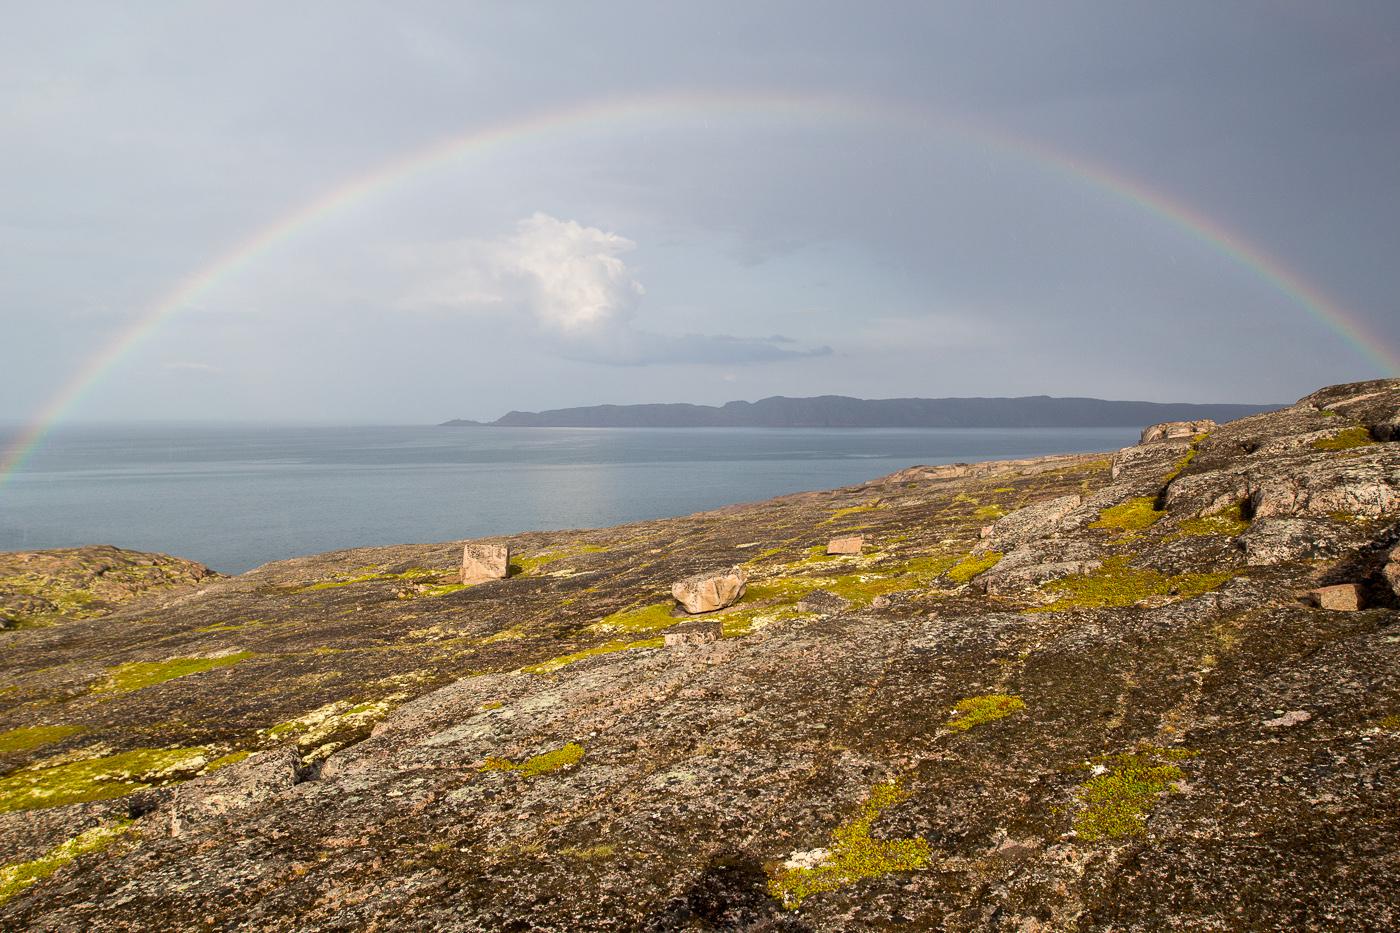 остров кольского полуострова гранитный фото нет, просто тебе